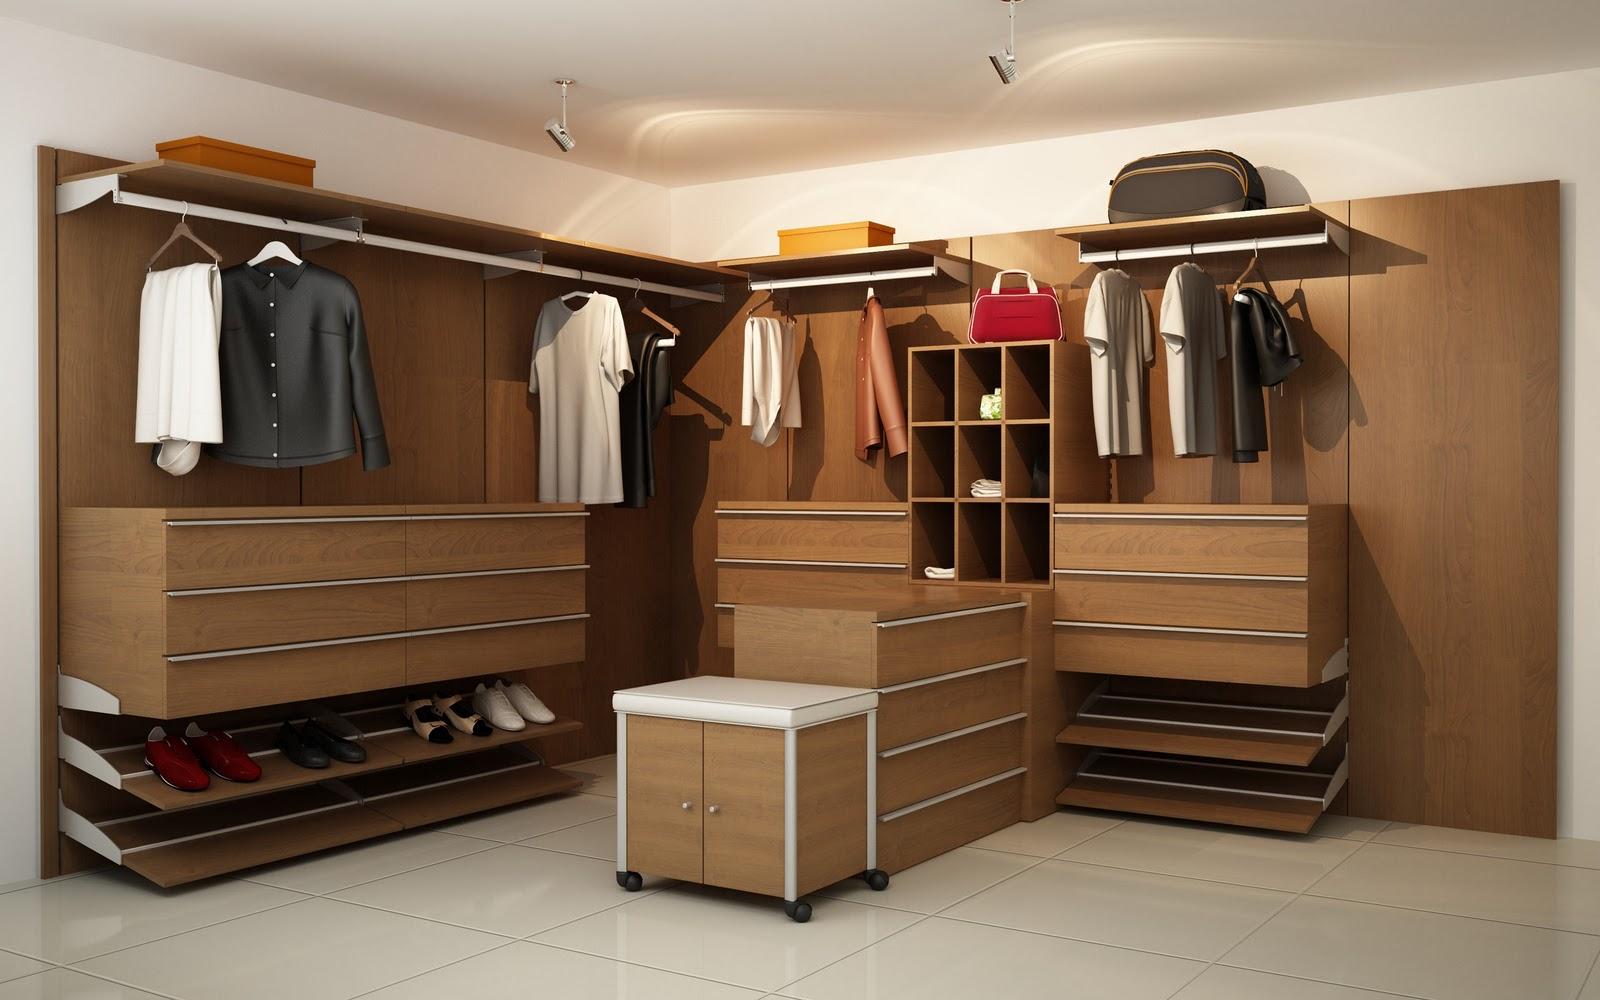 Orbis home closets modulares closets linea trendy for Zapateras para closet